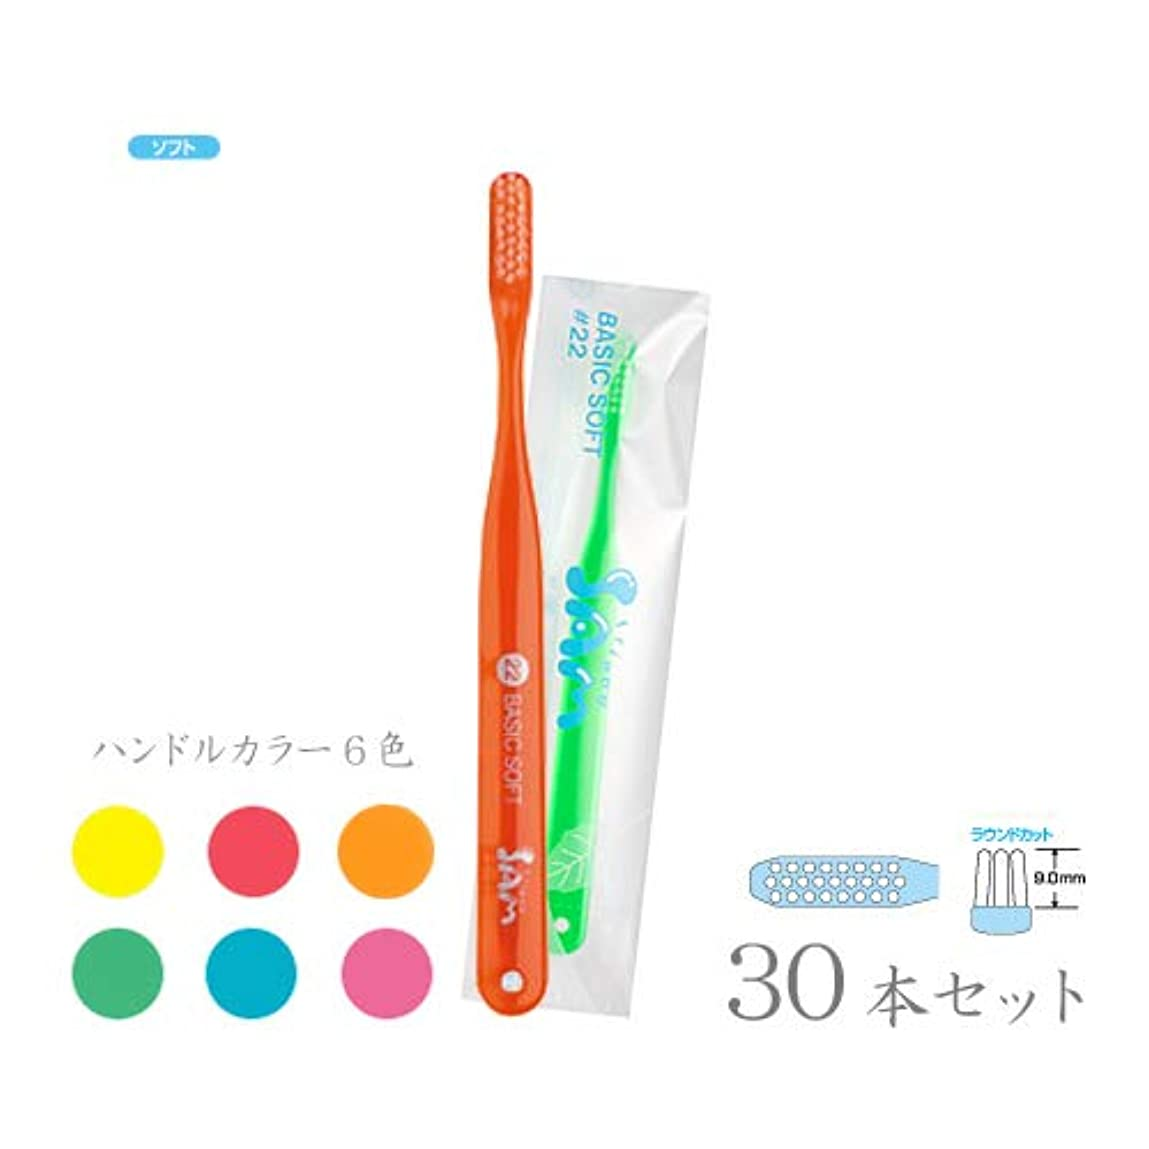 【サンデンタル】サムフレンド ベーシック?ソフト #22 30本【歯ブラシ】【やわらかめ】6色入 アソート